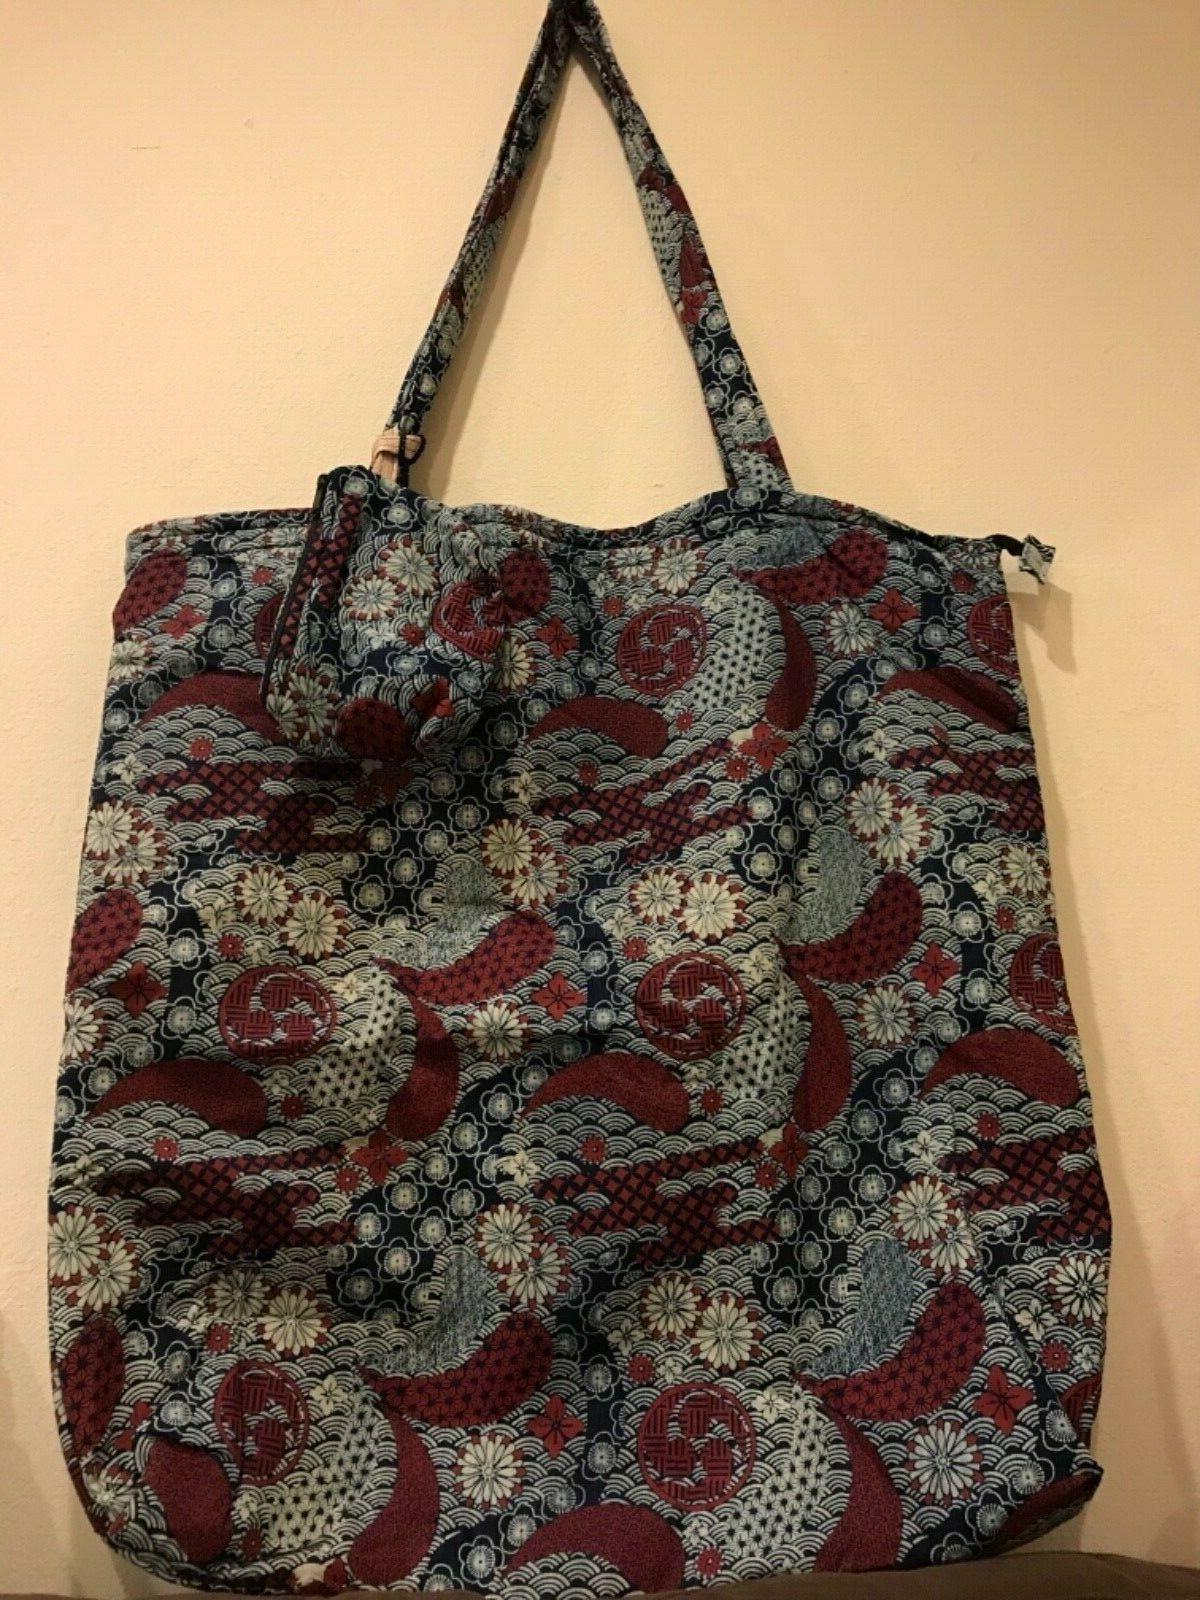 2 fish xxl tote bag w storage